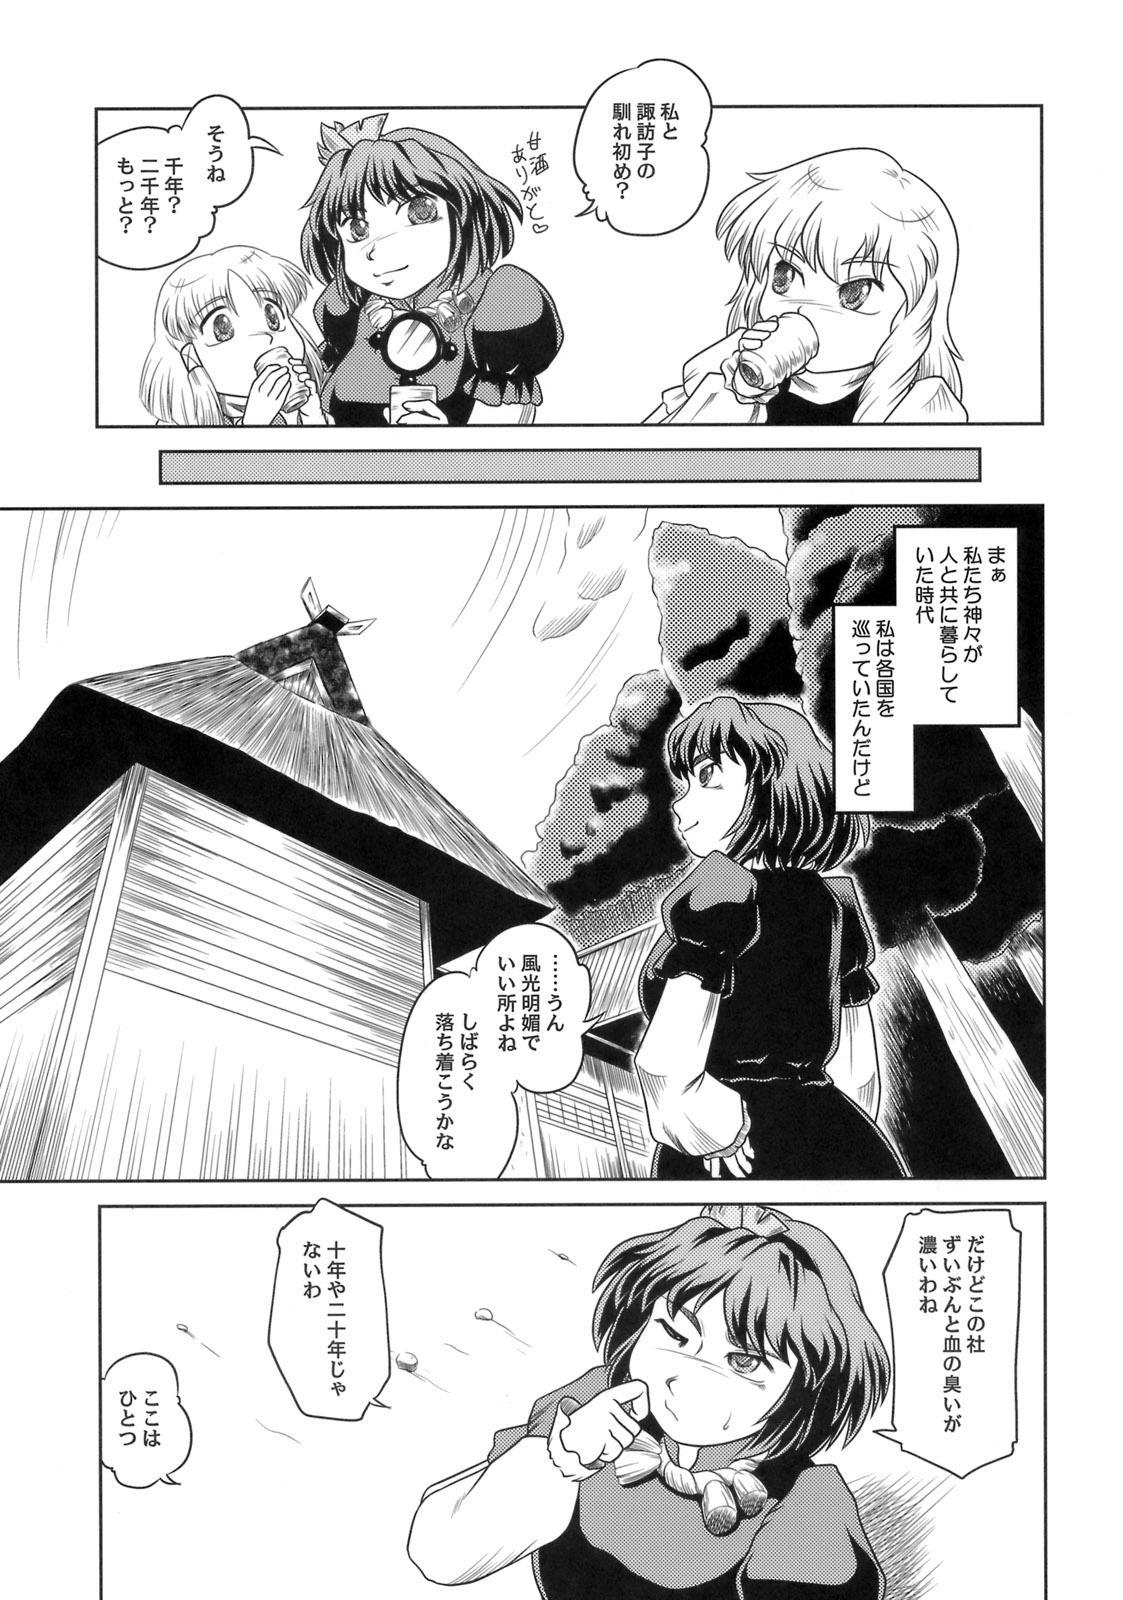 Danchizuma no Yuuwaku 3 5